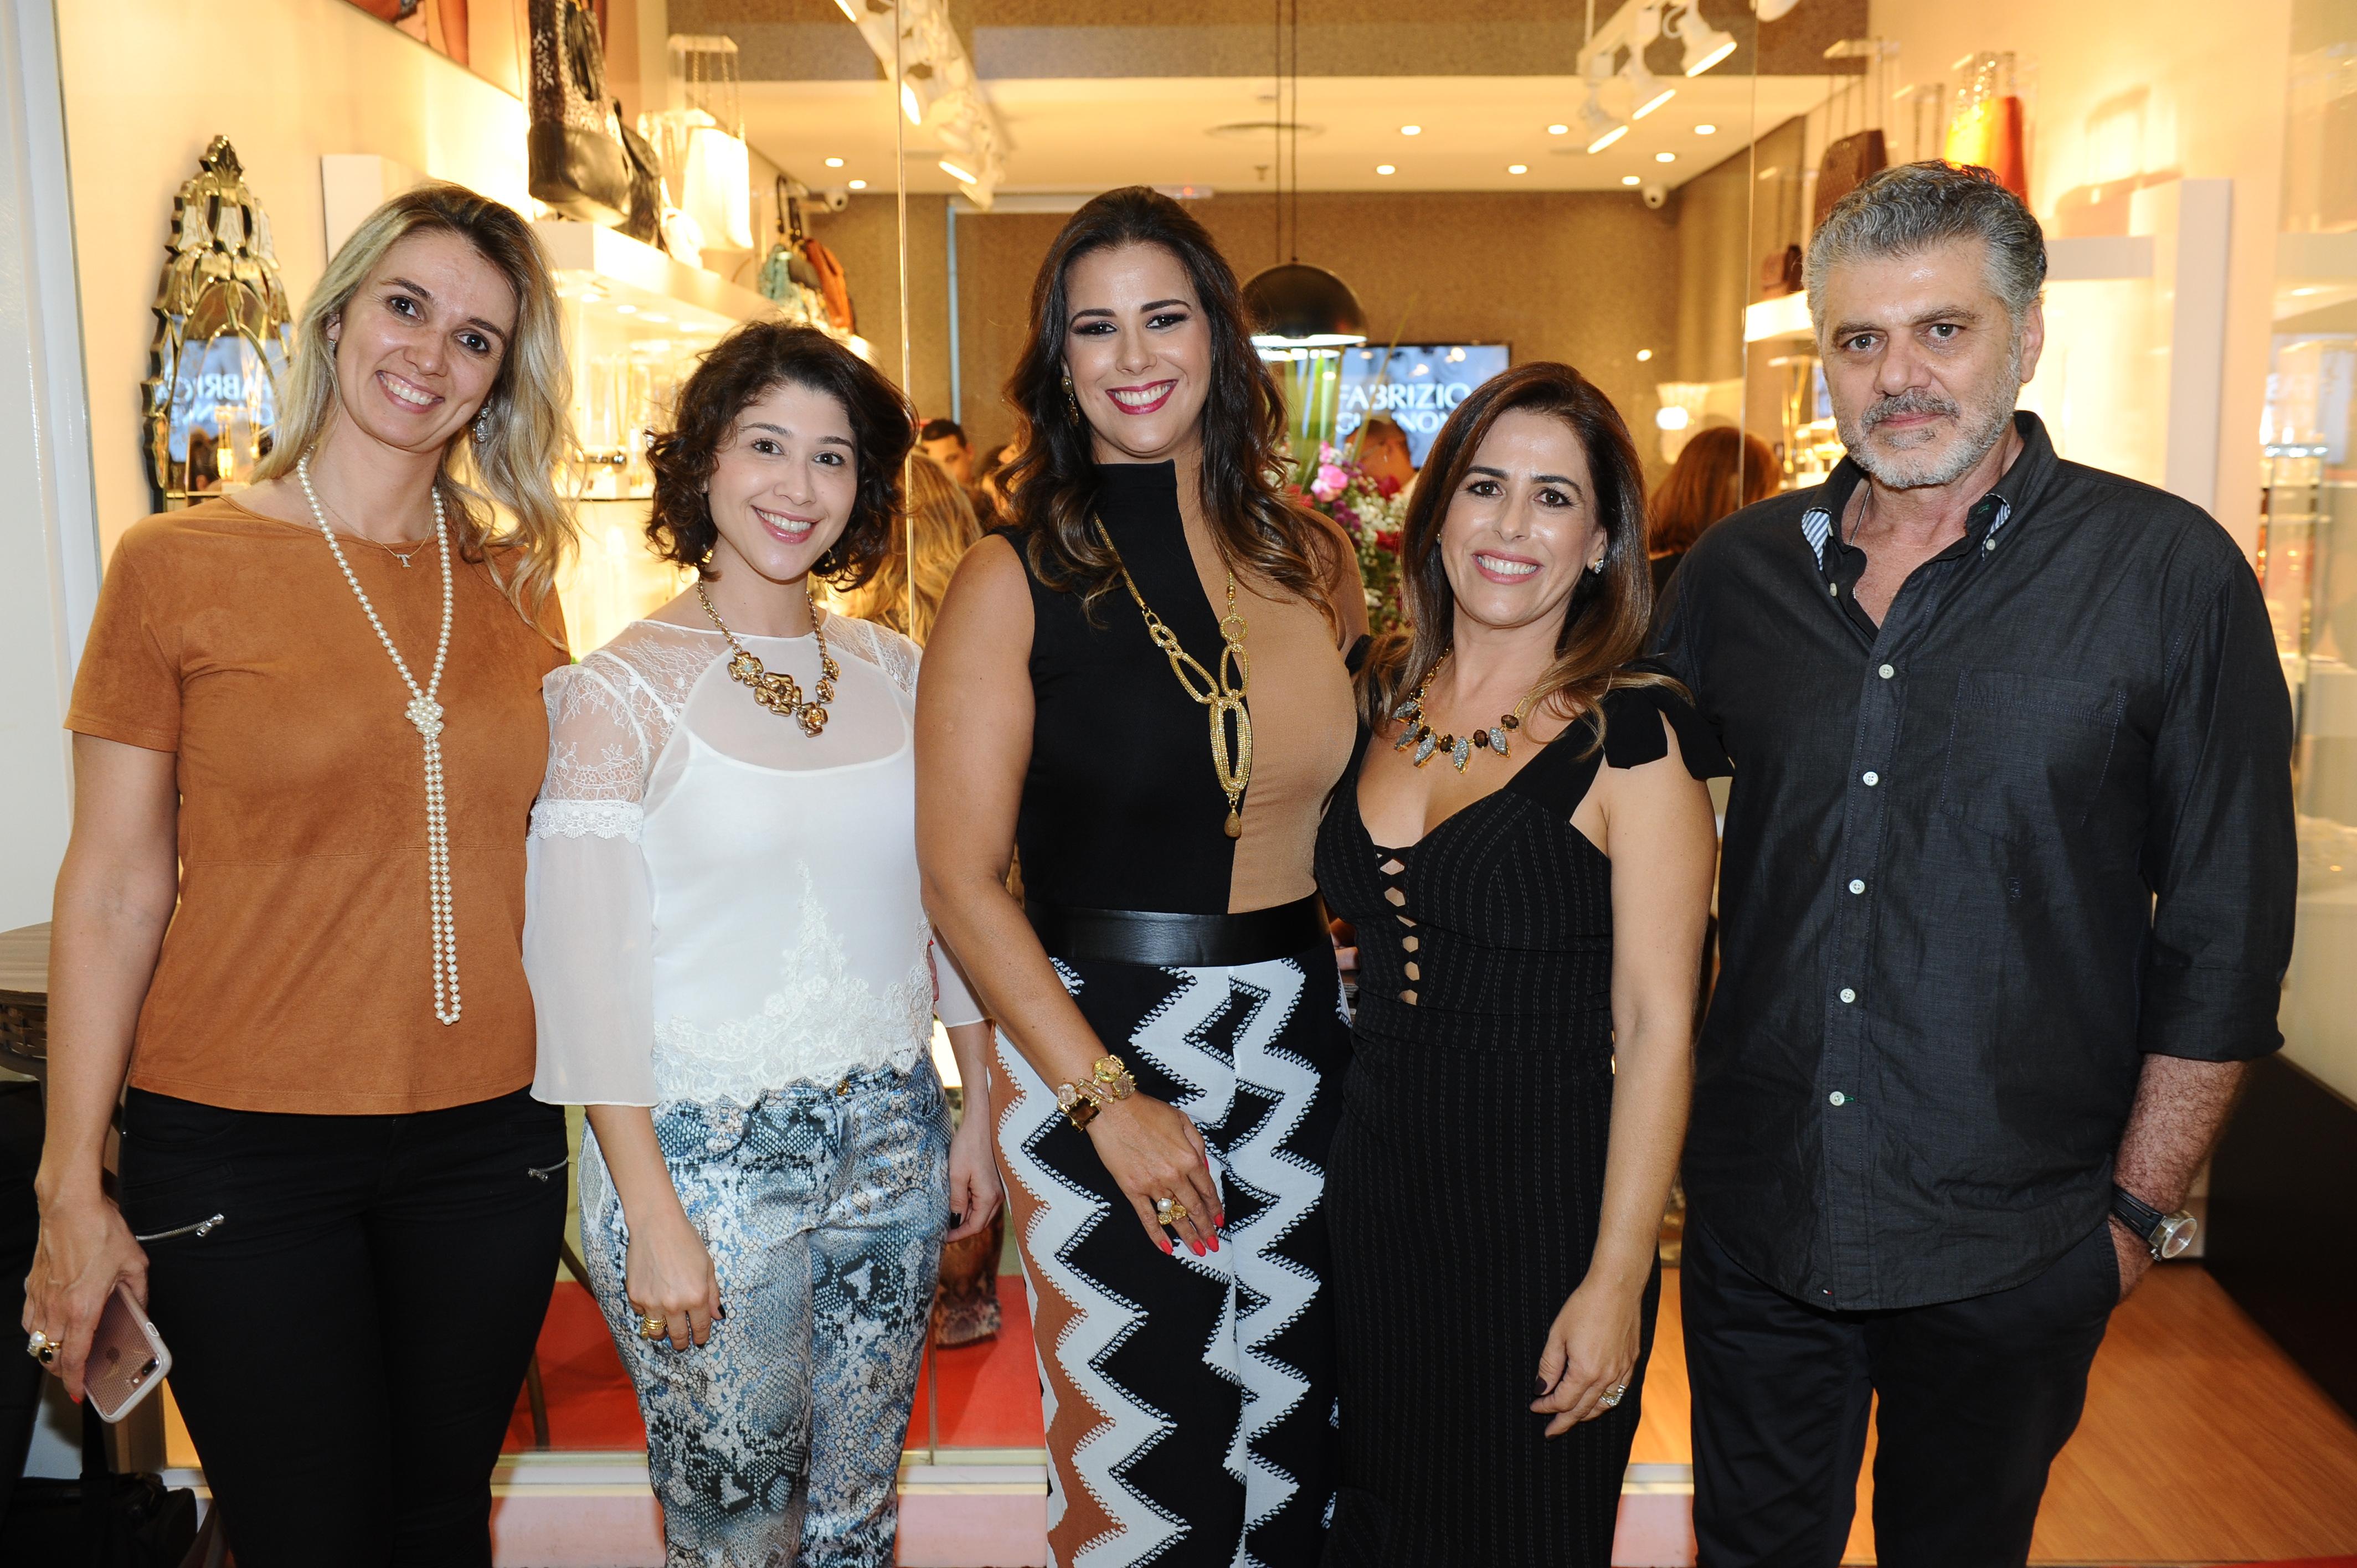 Talita Raffi, Gigliola Decarli, Bianca Raffi, Vanessa Auto e Fabrizio Giannone